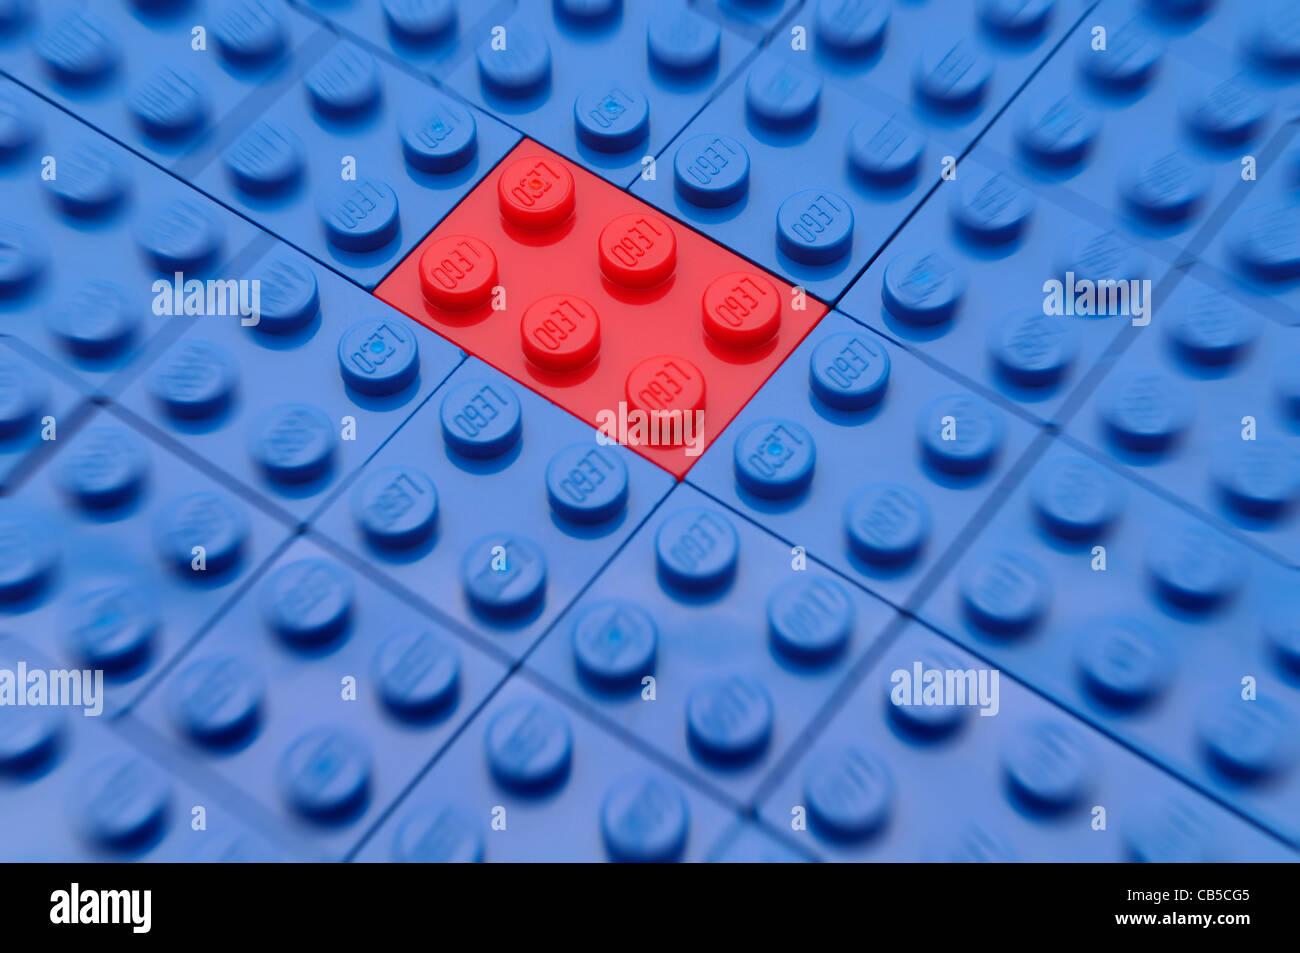 Un seul jouet rouge brique bâtiment bleu se distingue des briques de construction. Photo Stock